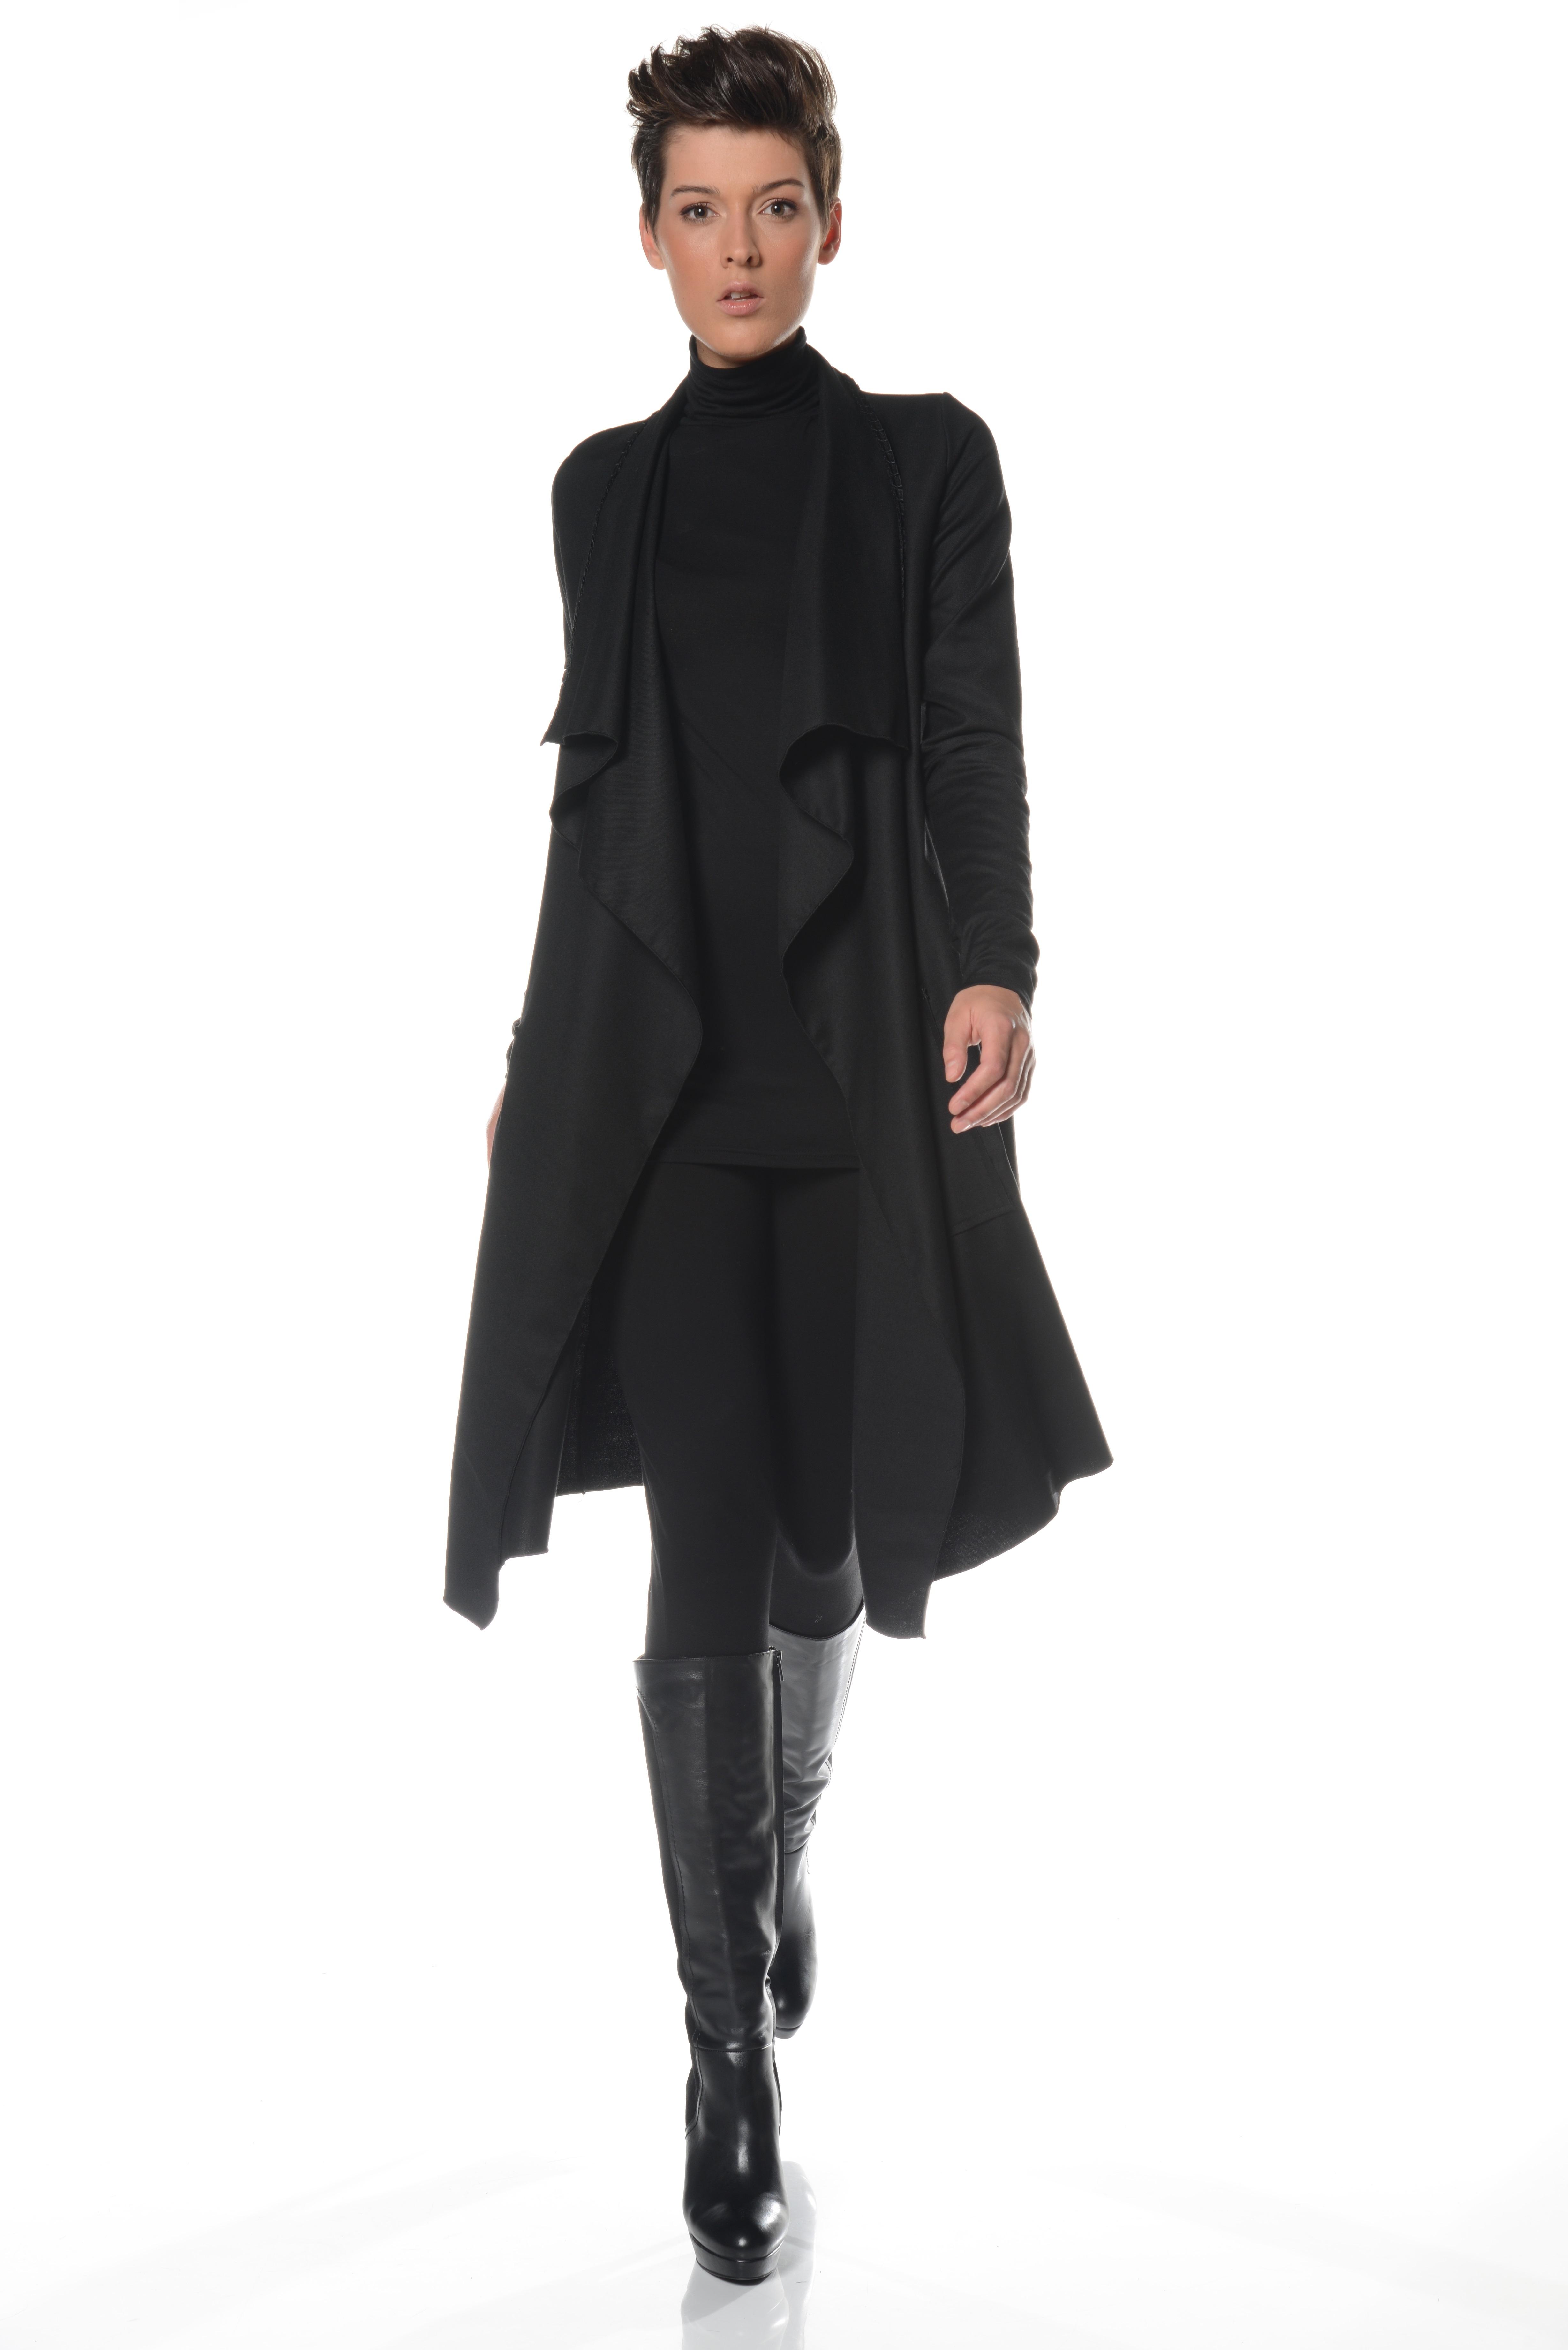 veste longue femme grande taille. Black Bedroom Furniture Sets. Home Design Ideas